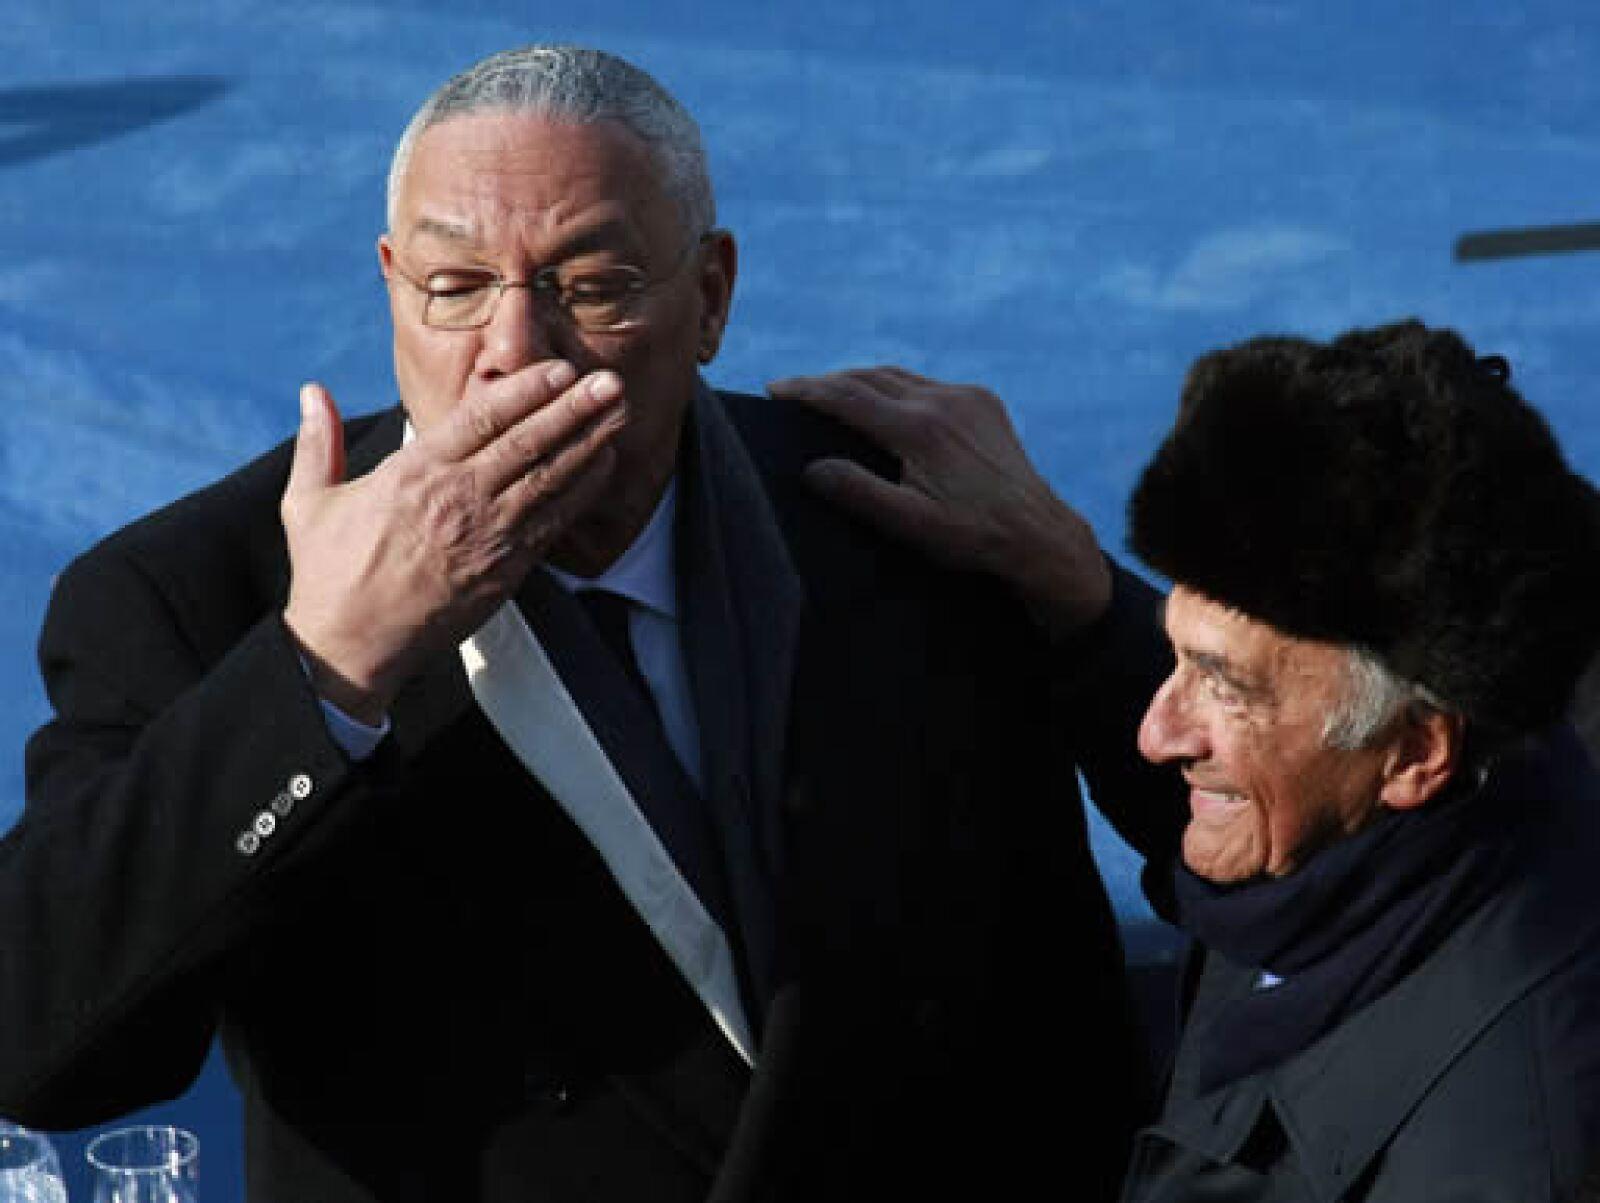 El ex secretario de Estado Colin Powell y el escritor rumano Elie Wiesel, sobreviviente de los campos de concentración nazi, disfrutaron juntos de la ceremonia.